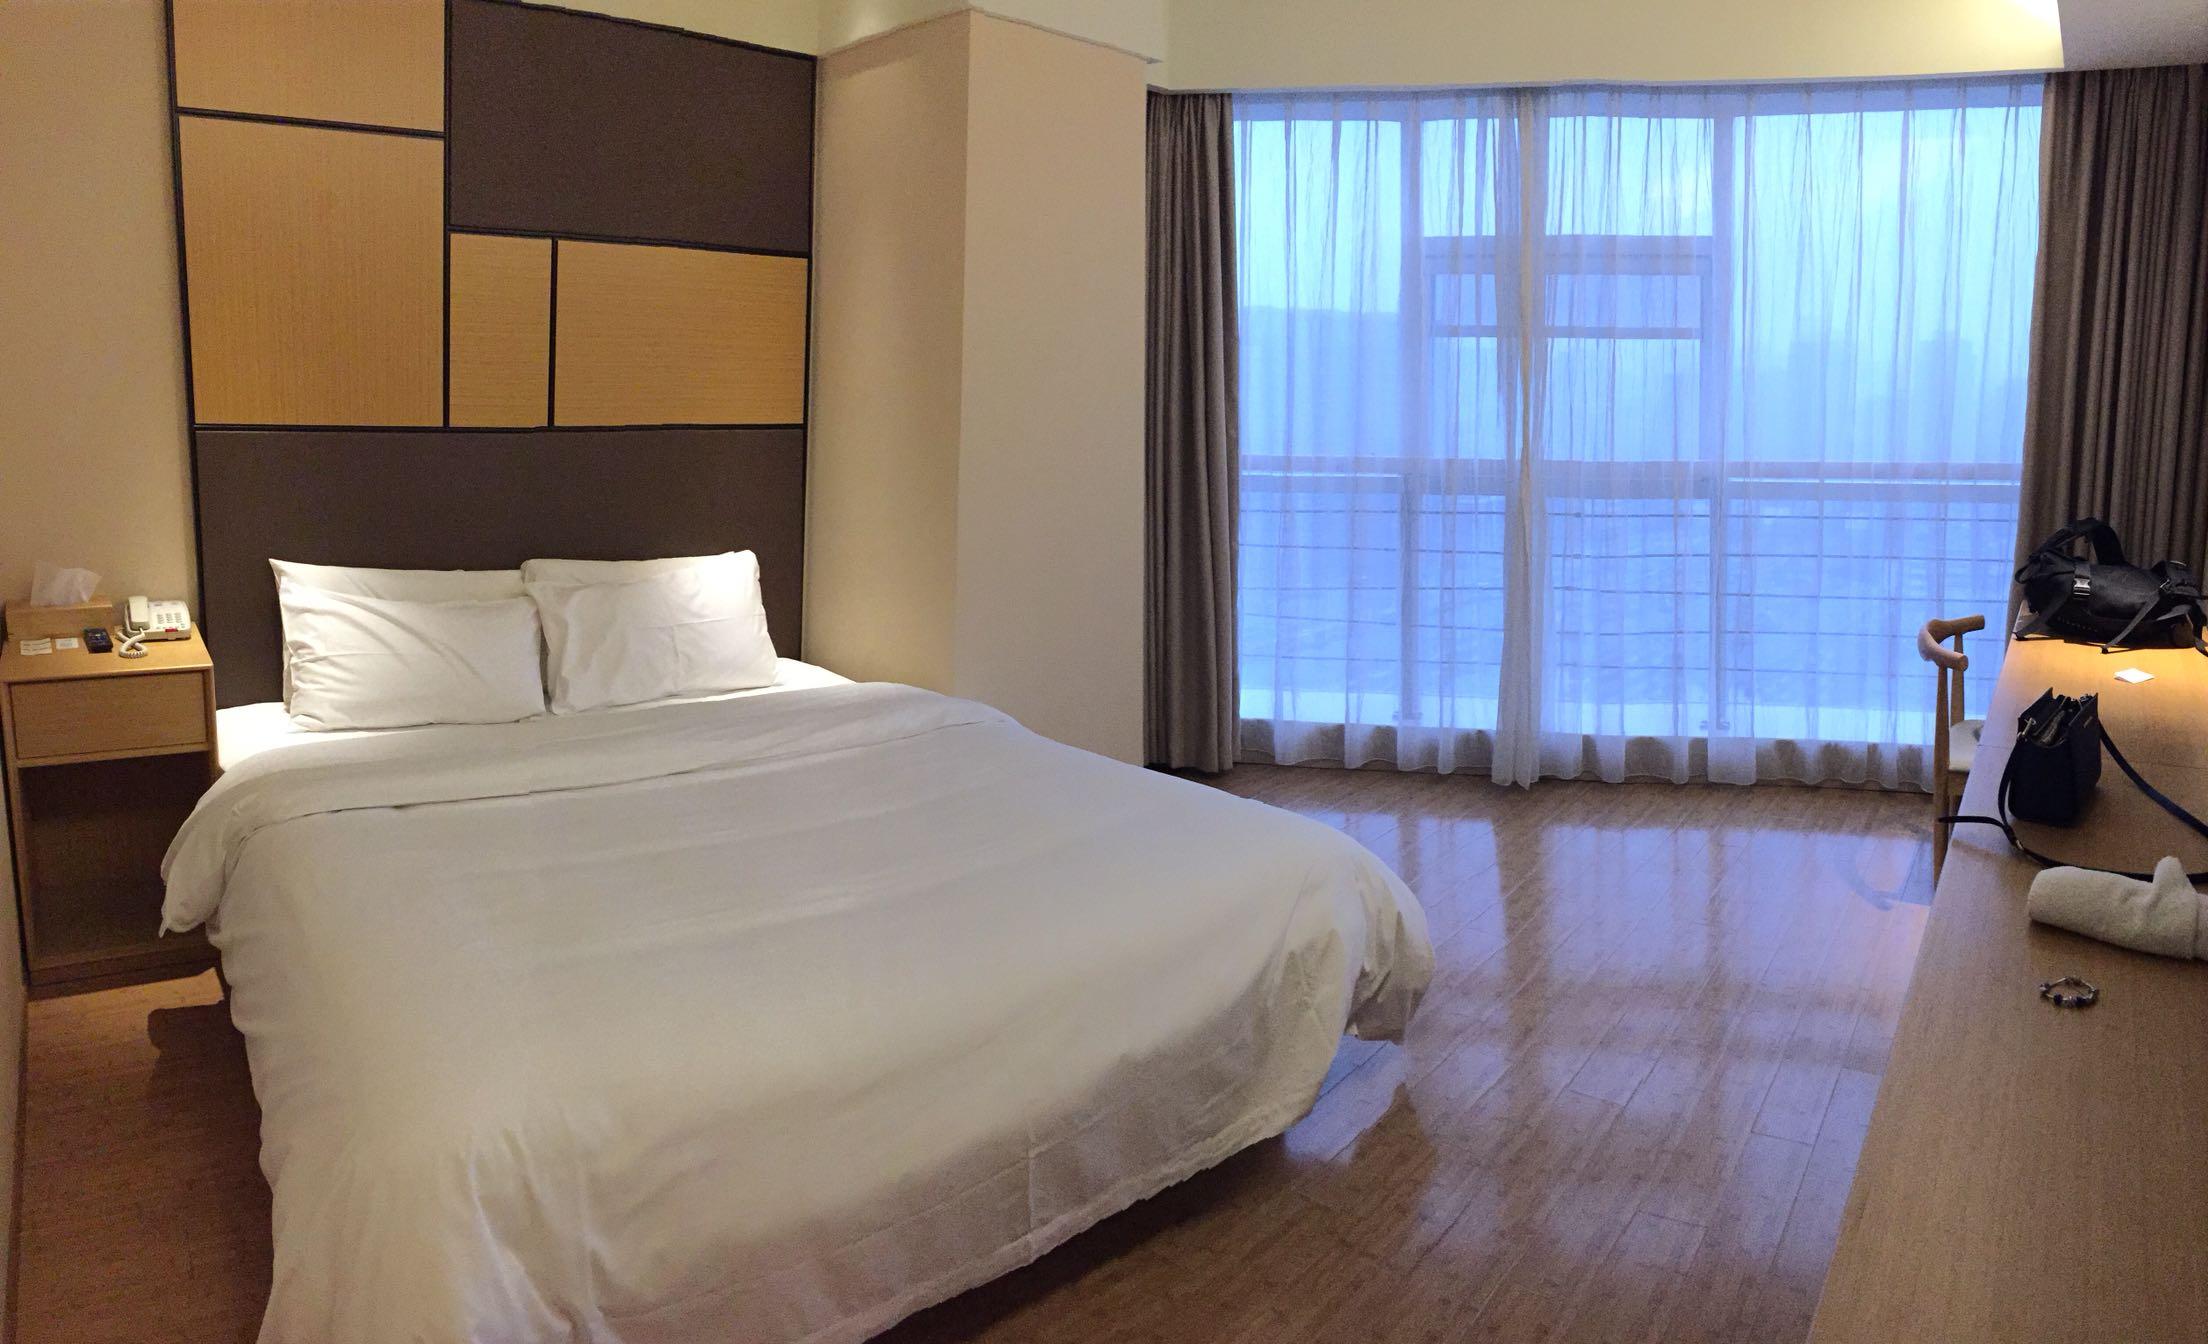 全季酒店(杭州武林广场店)预订_全季酒店(杭州